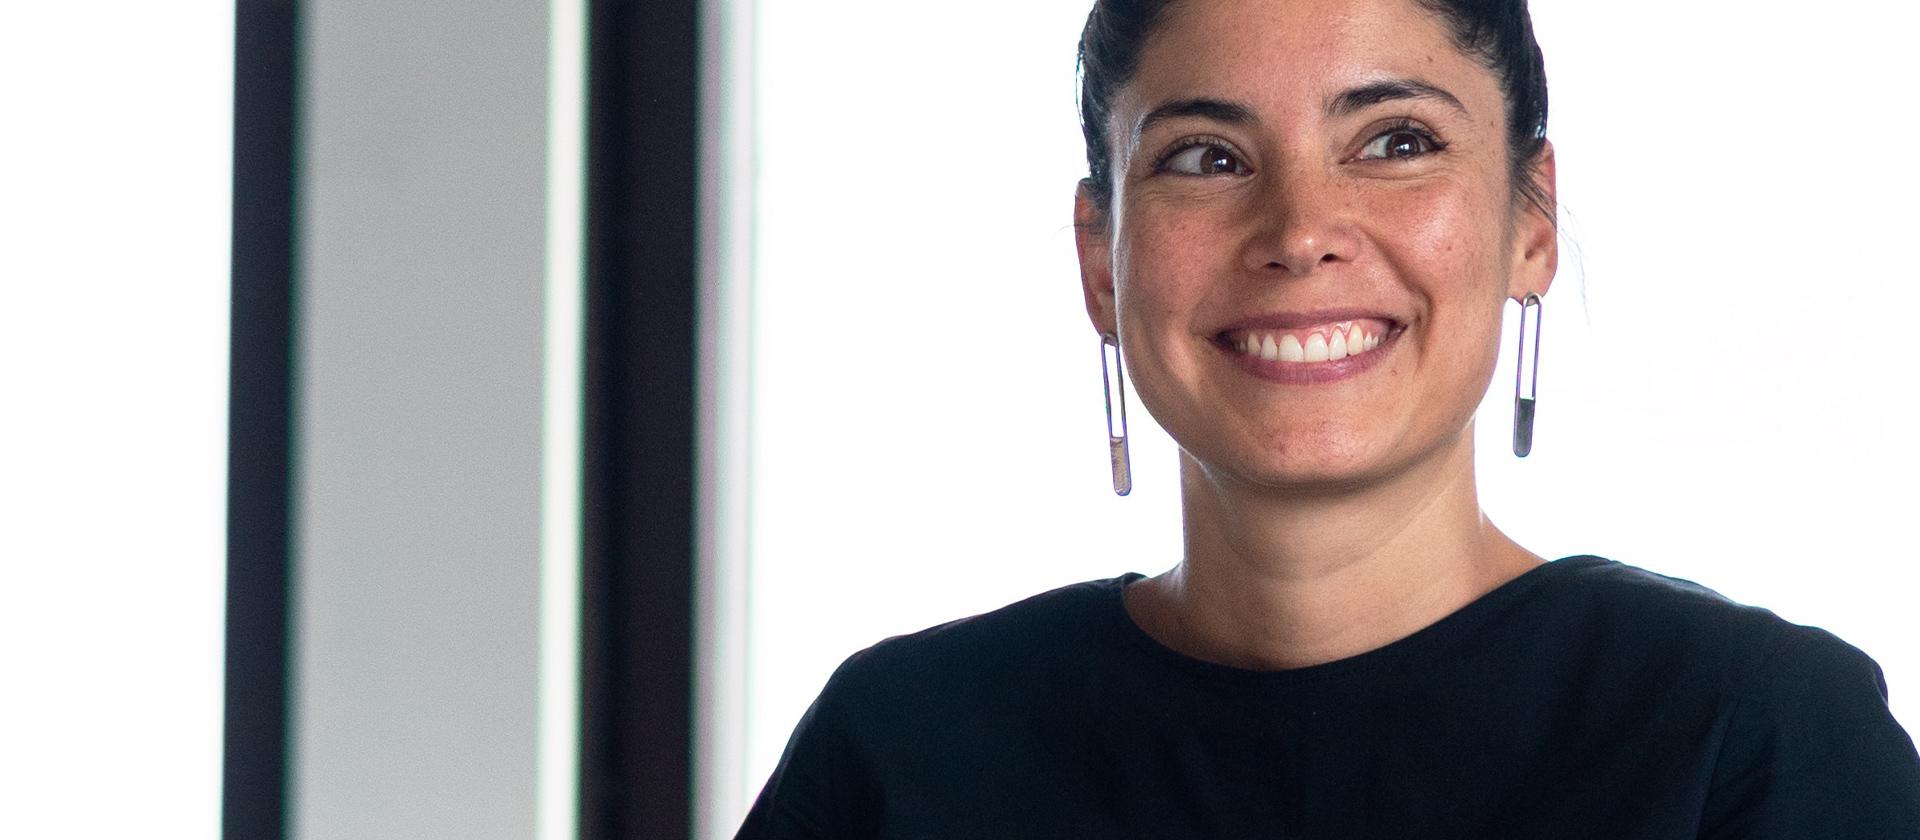 El martech: el marketing reinventado por la tecnología abre nuevas oportunidades laborales